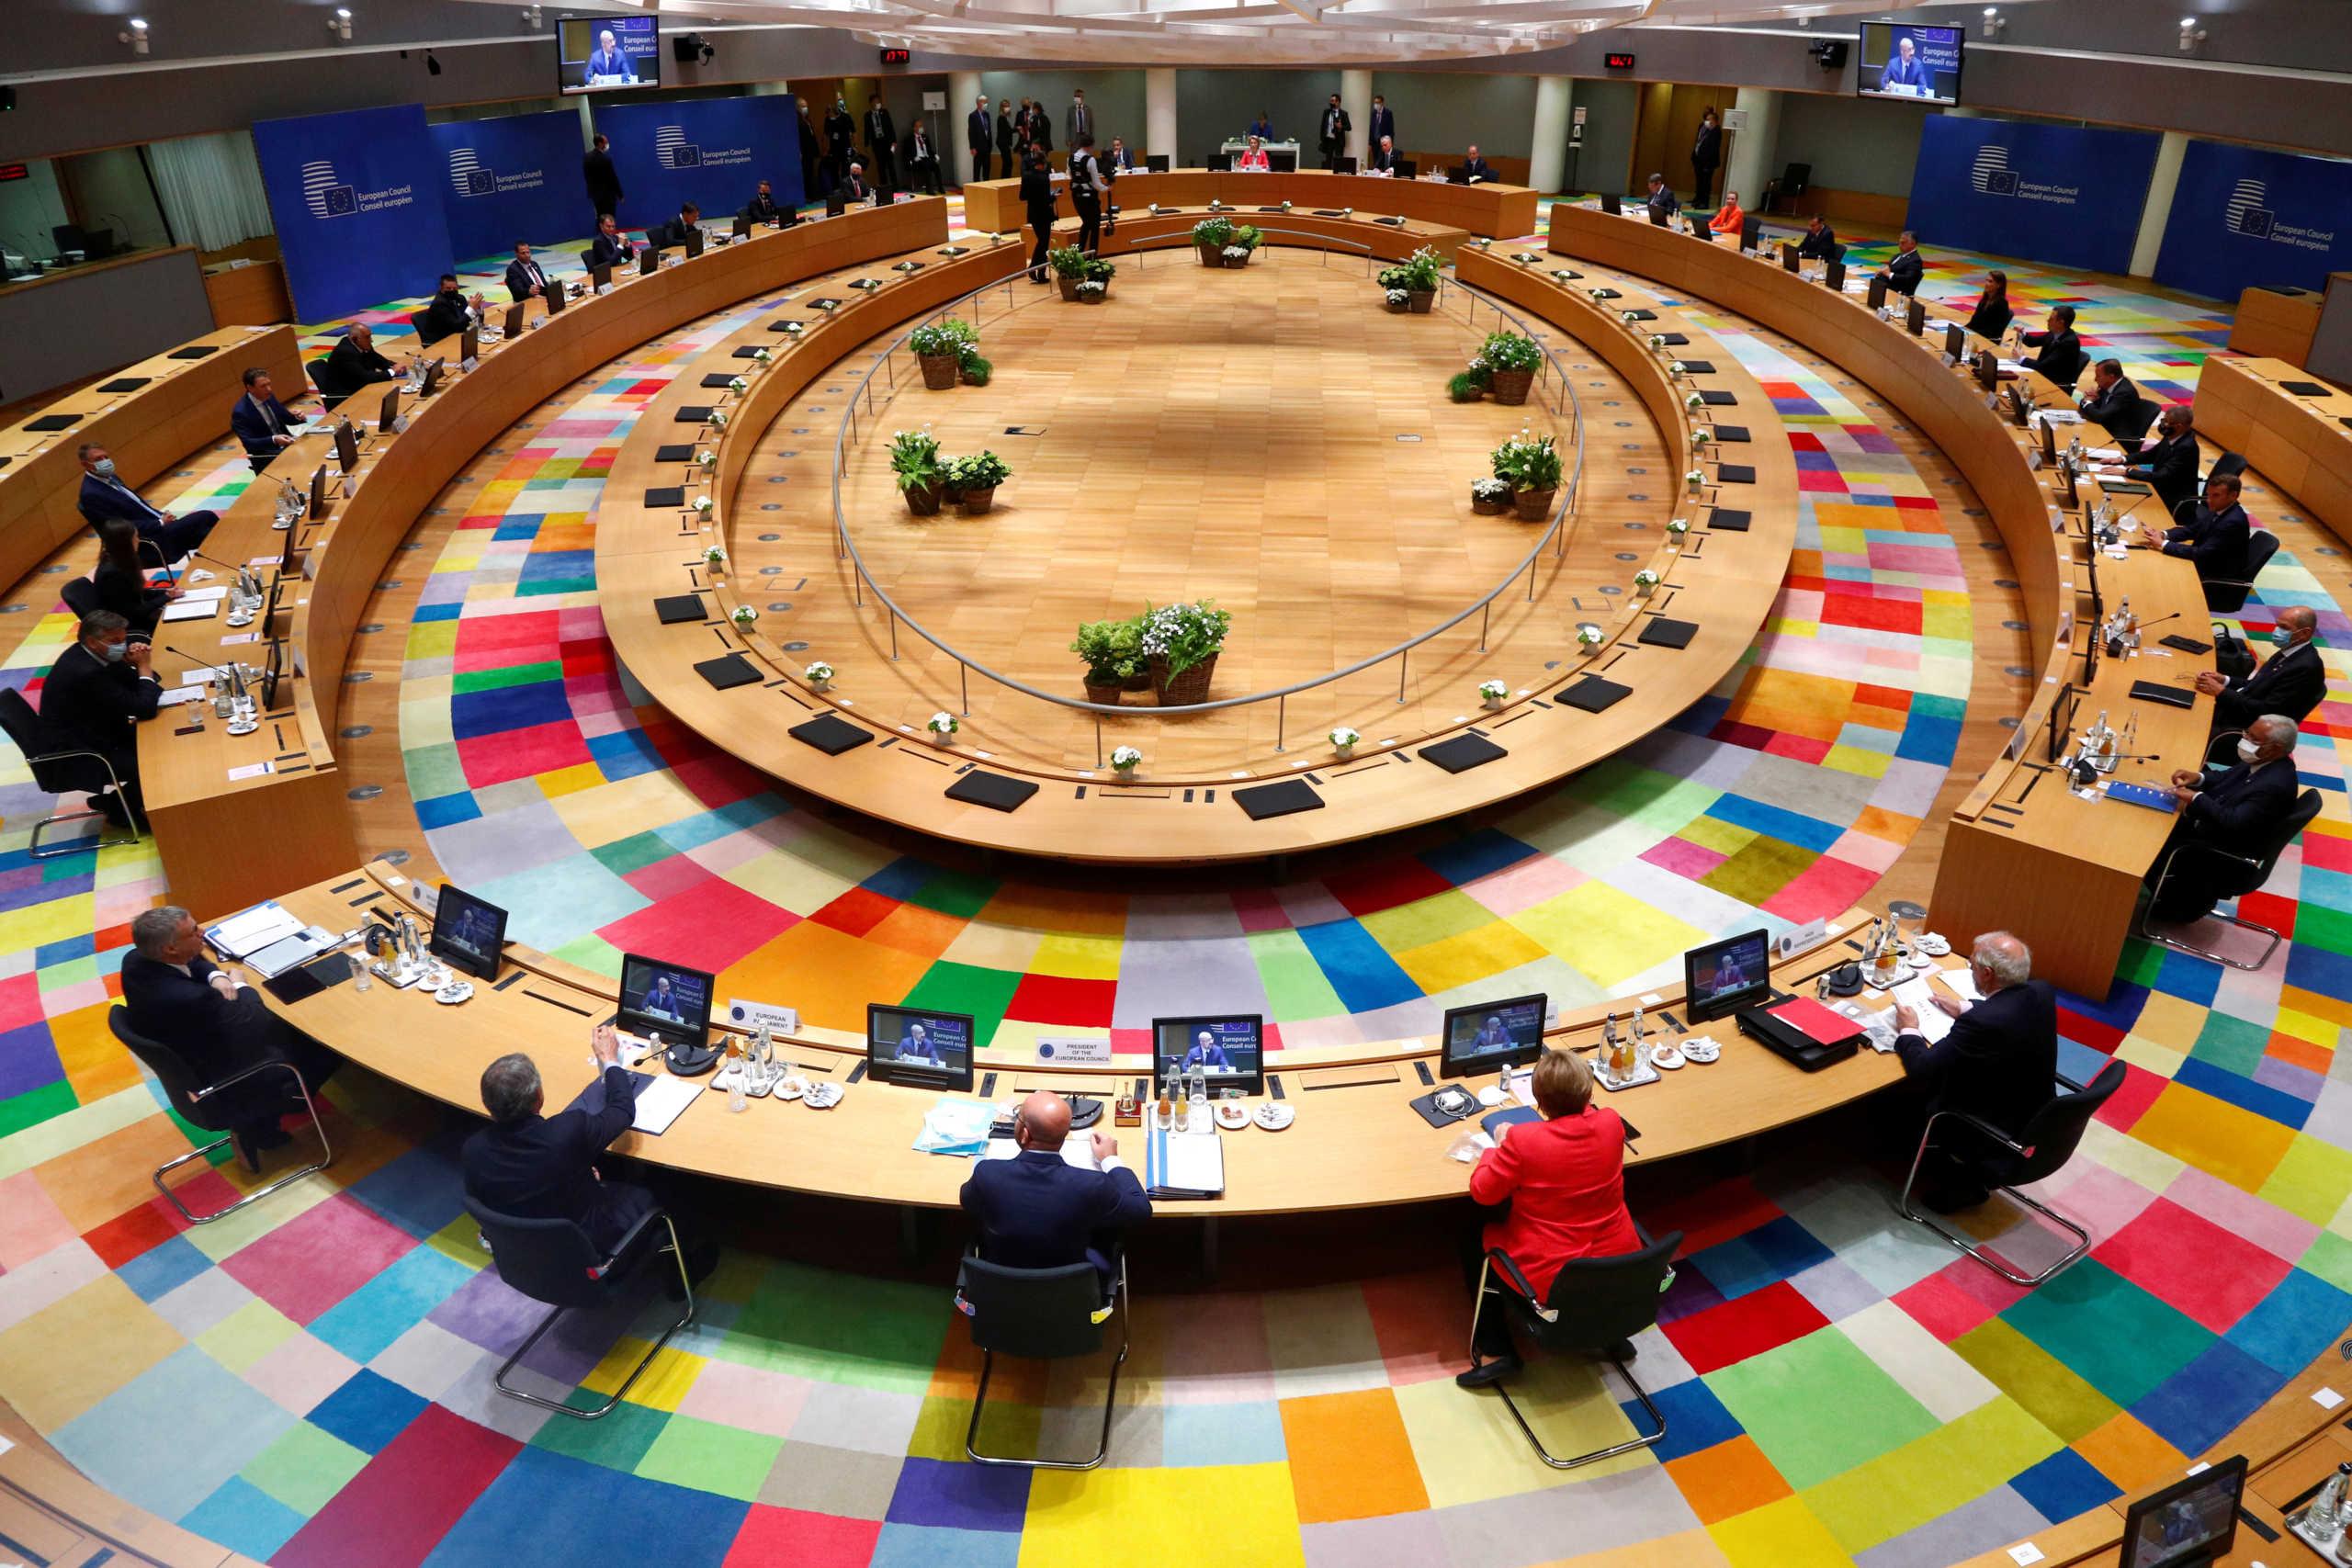 Σύνοδος Κορυφής: «Μήνυμα» προς την Τουρκία για Βαρώσια και ανθρώπινα δικαιώματα